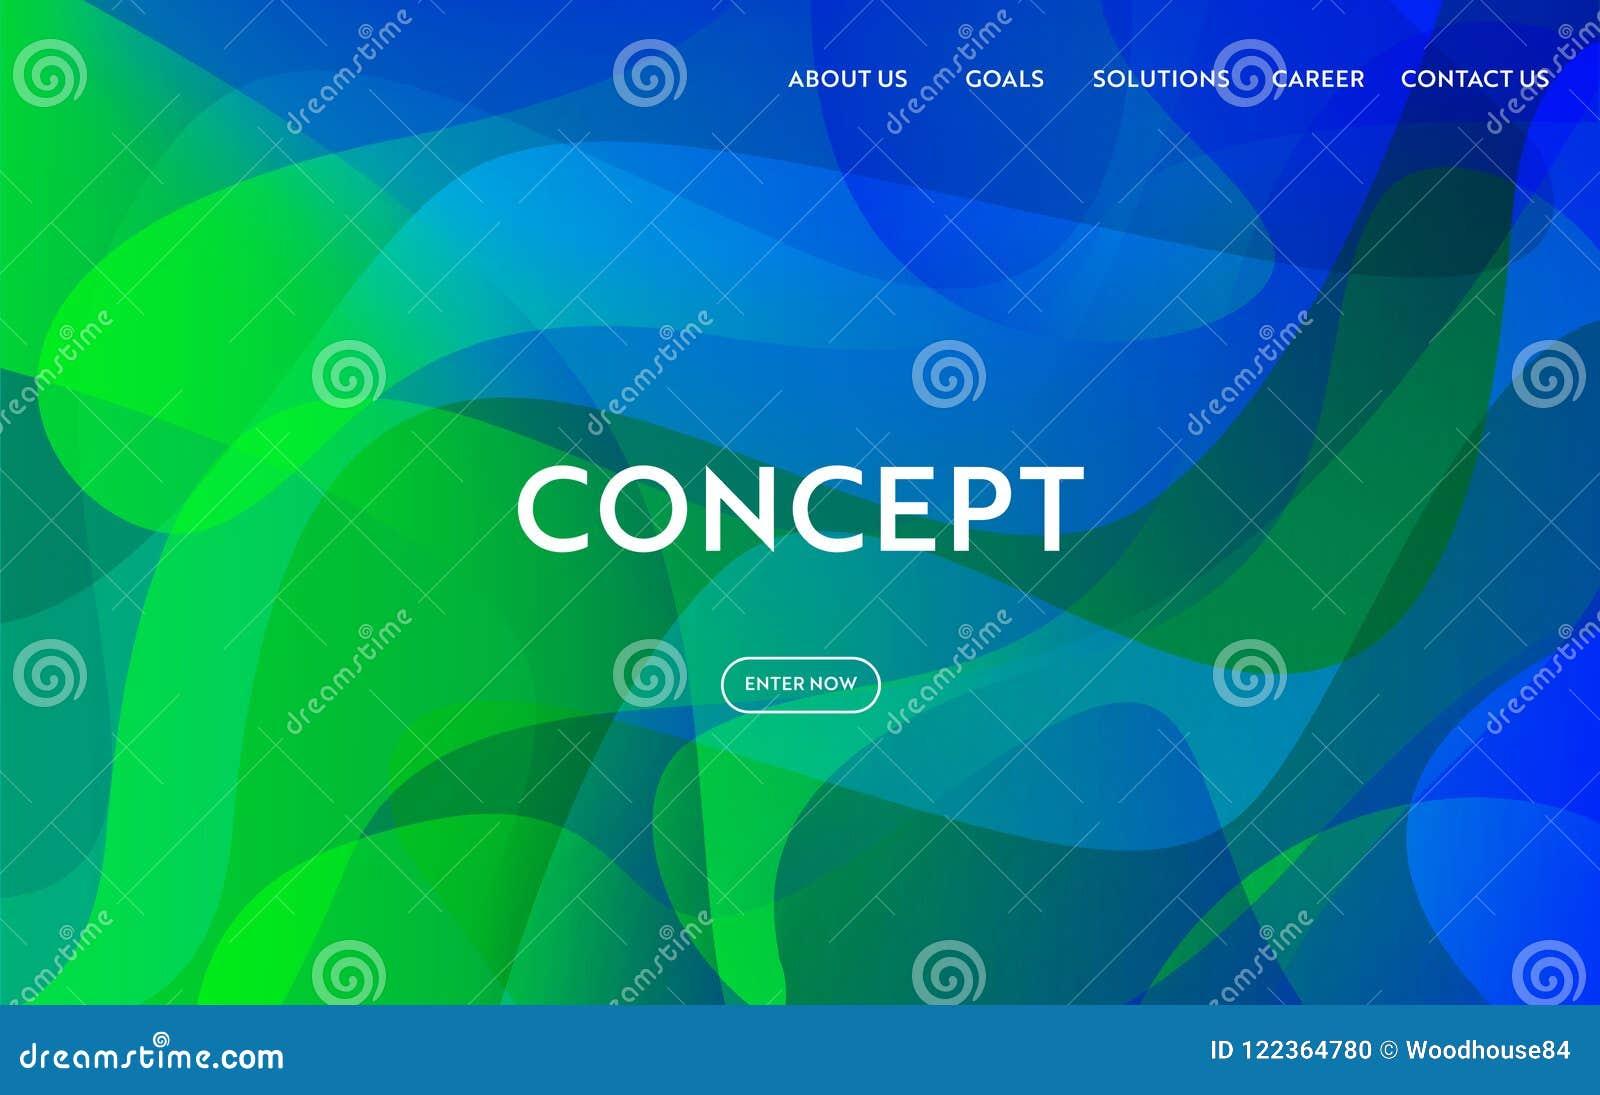 Diseño Plano Moderno De La Plantilla Del Sitio Web Concepto De La ...